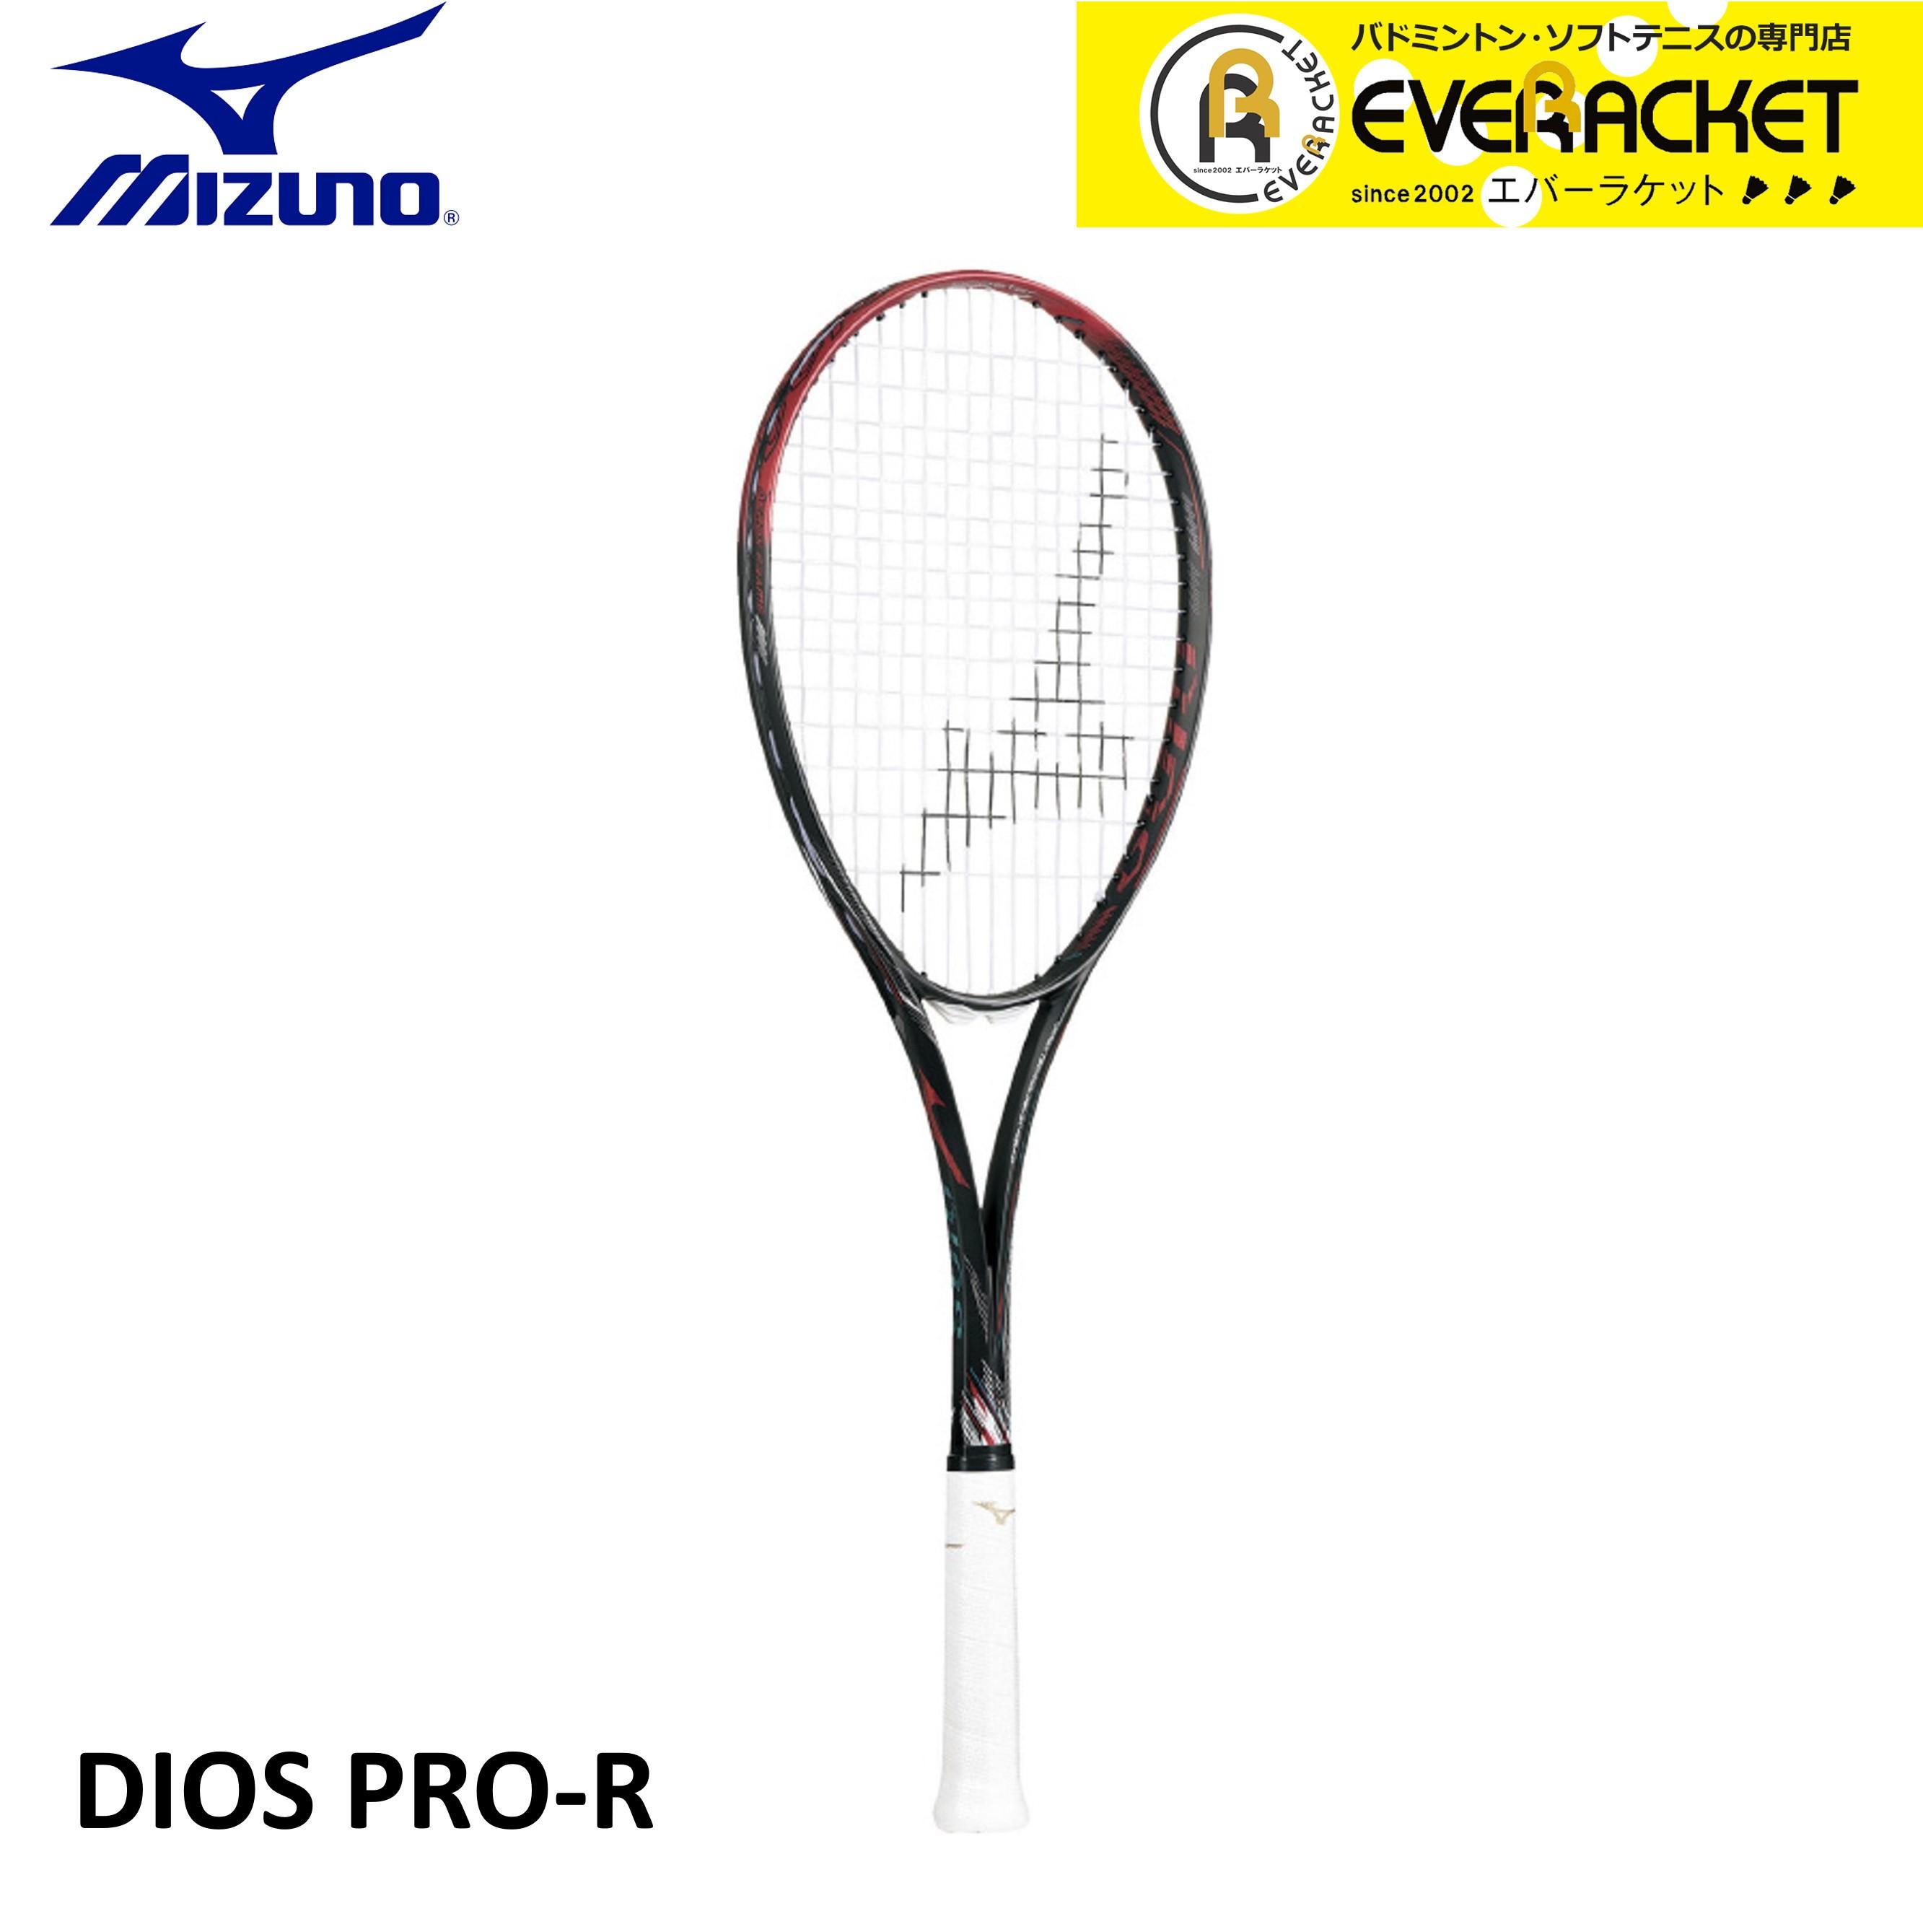 【スーパーセールポイント5倍】【新製品予約】ミズノ MIZUNO ソフトテニス ラケット ラケット ガット代 張り代 無料 DIOS PRO-R 63JTN06162 ディオスプロアール 後衛向き